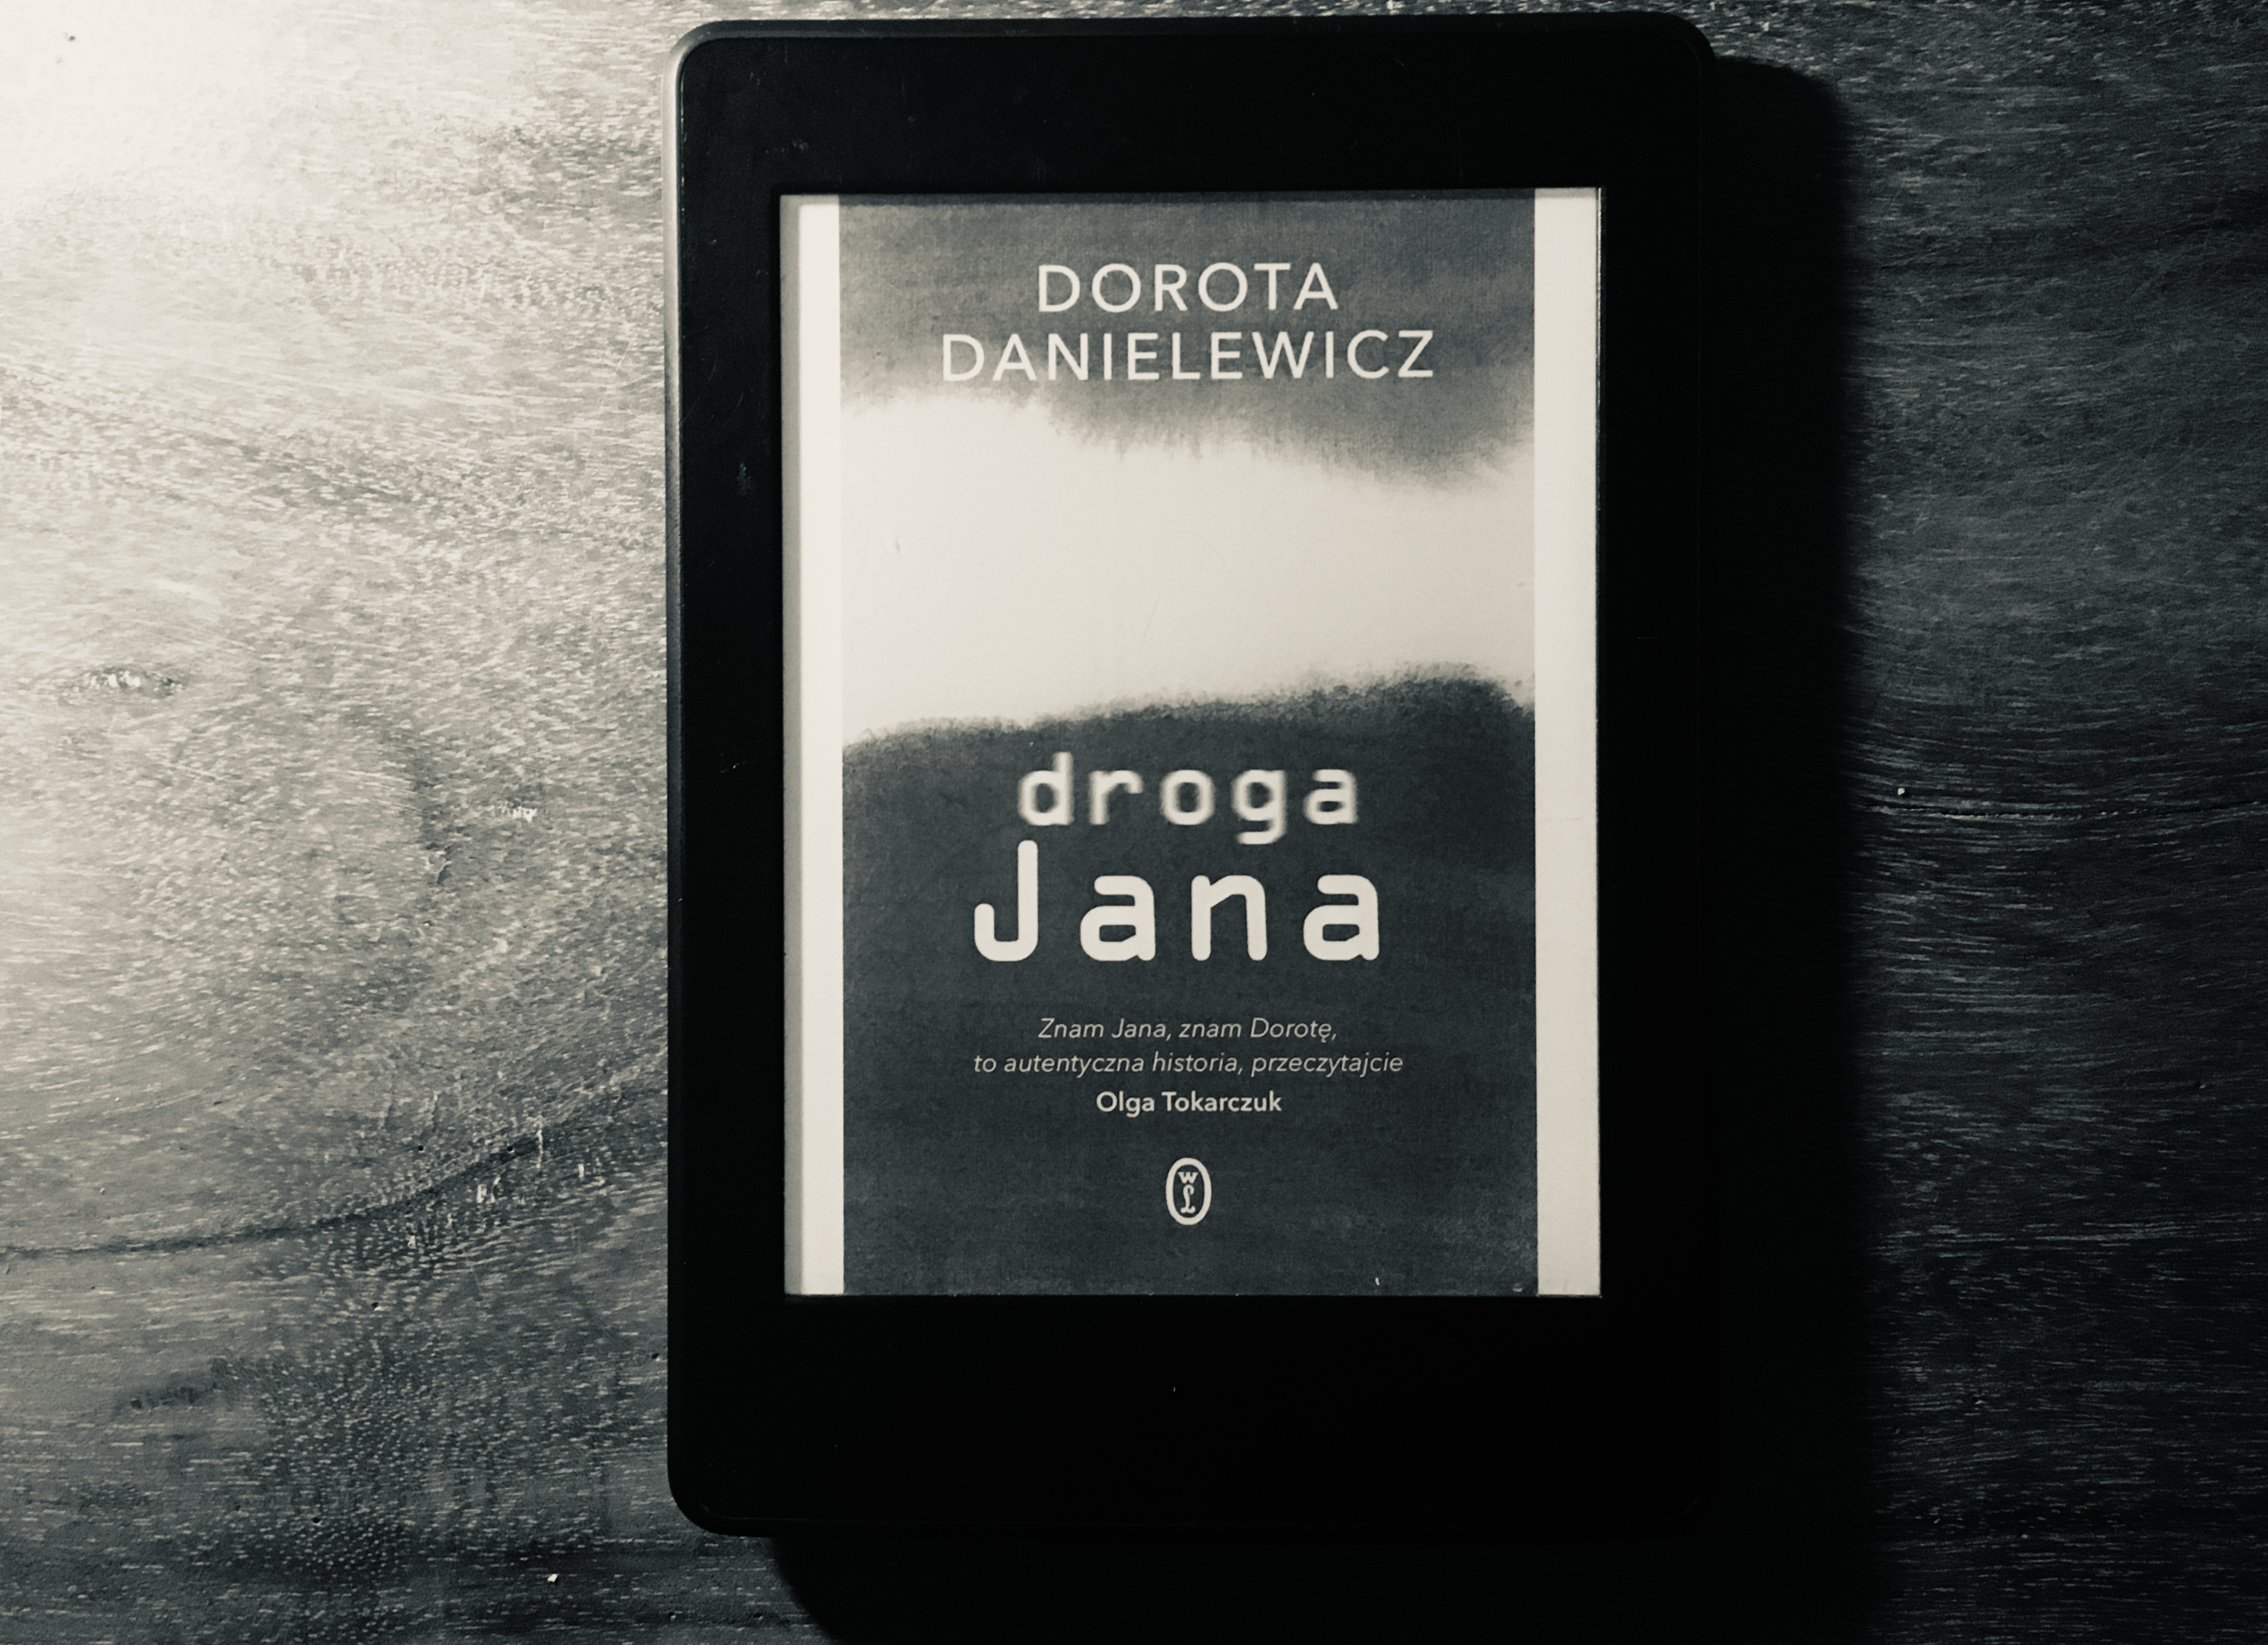 Droga Jana, Dorota Danielewicz okładka e-book kindle